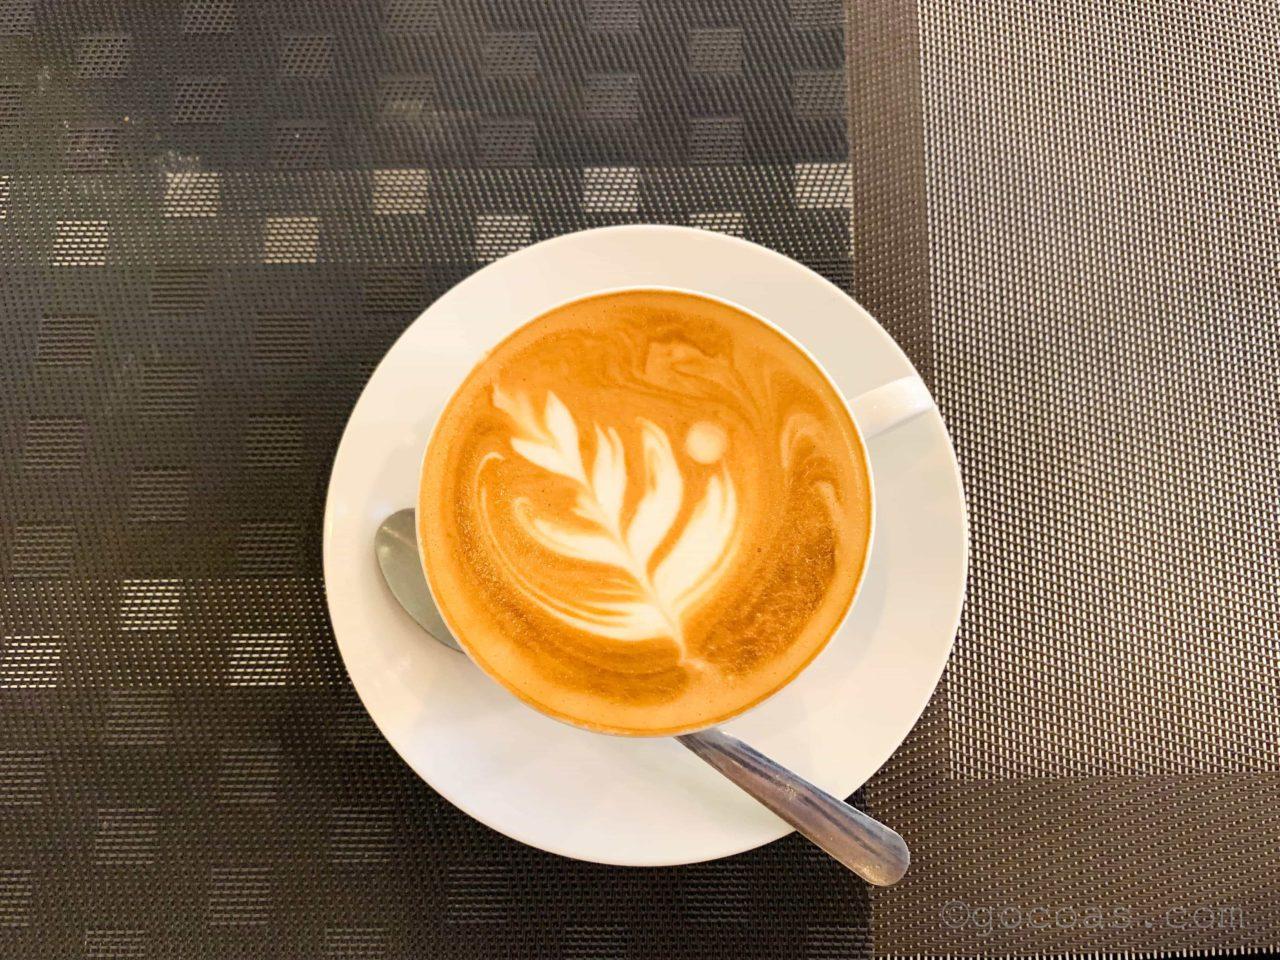 ニドカフェのラテ